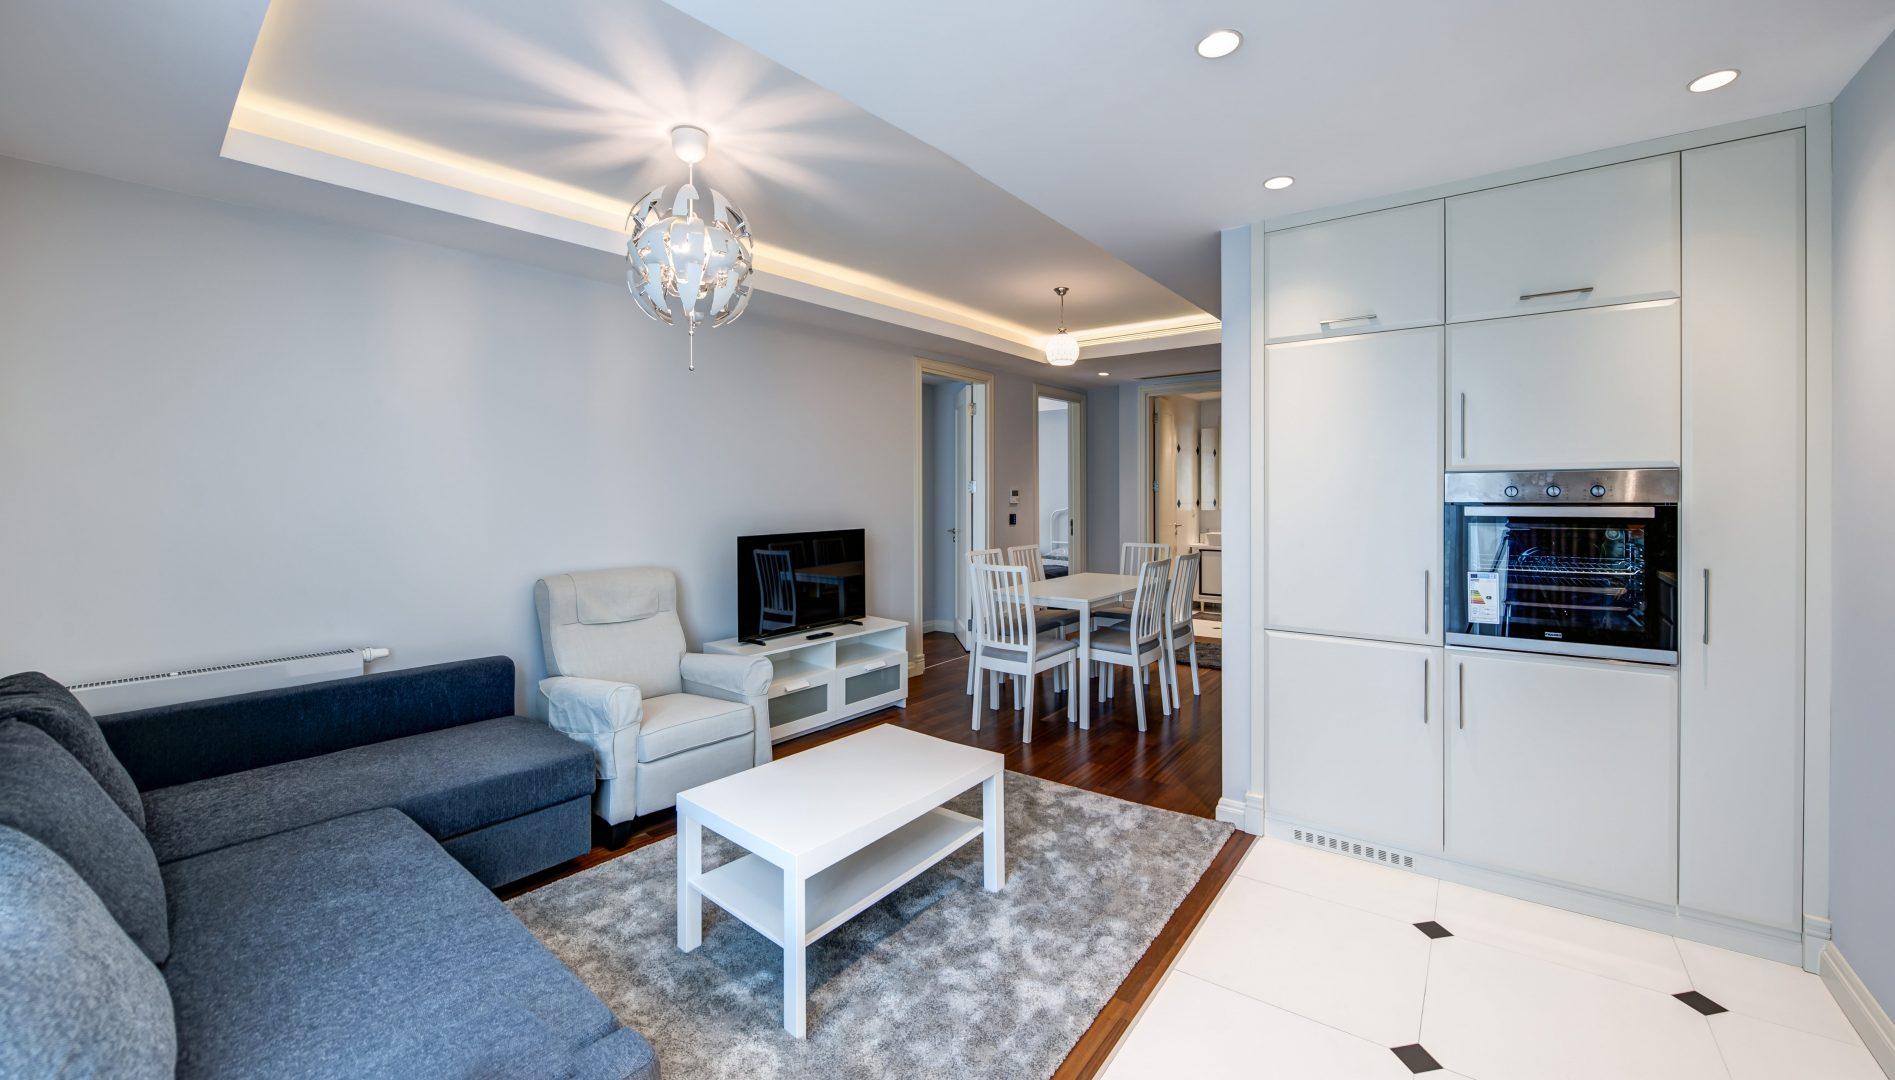 Квартира в центре Стамбула по доступной ценой - Фото 2